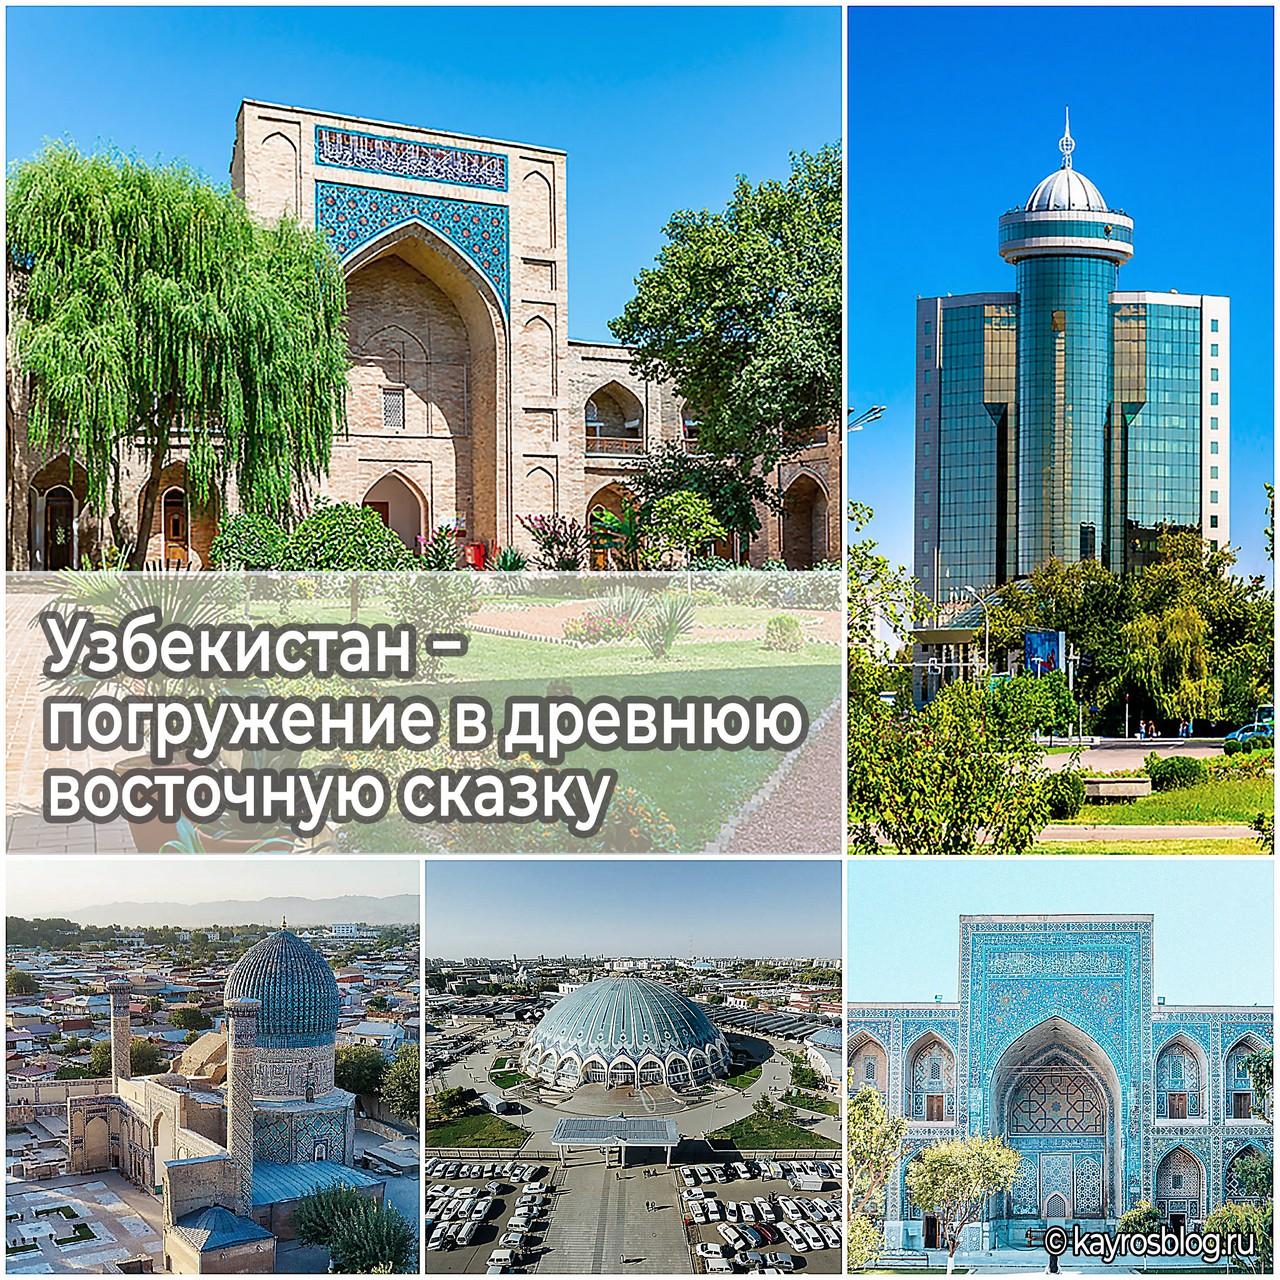 Узбекистан−погружение в древнюю восточную сказку